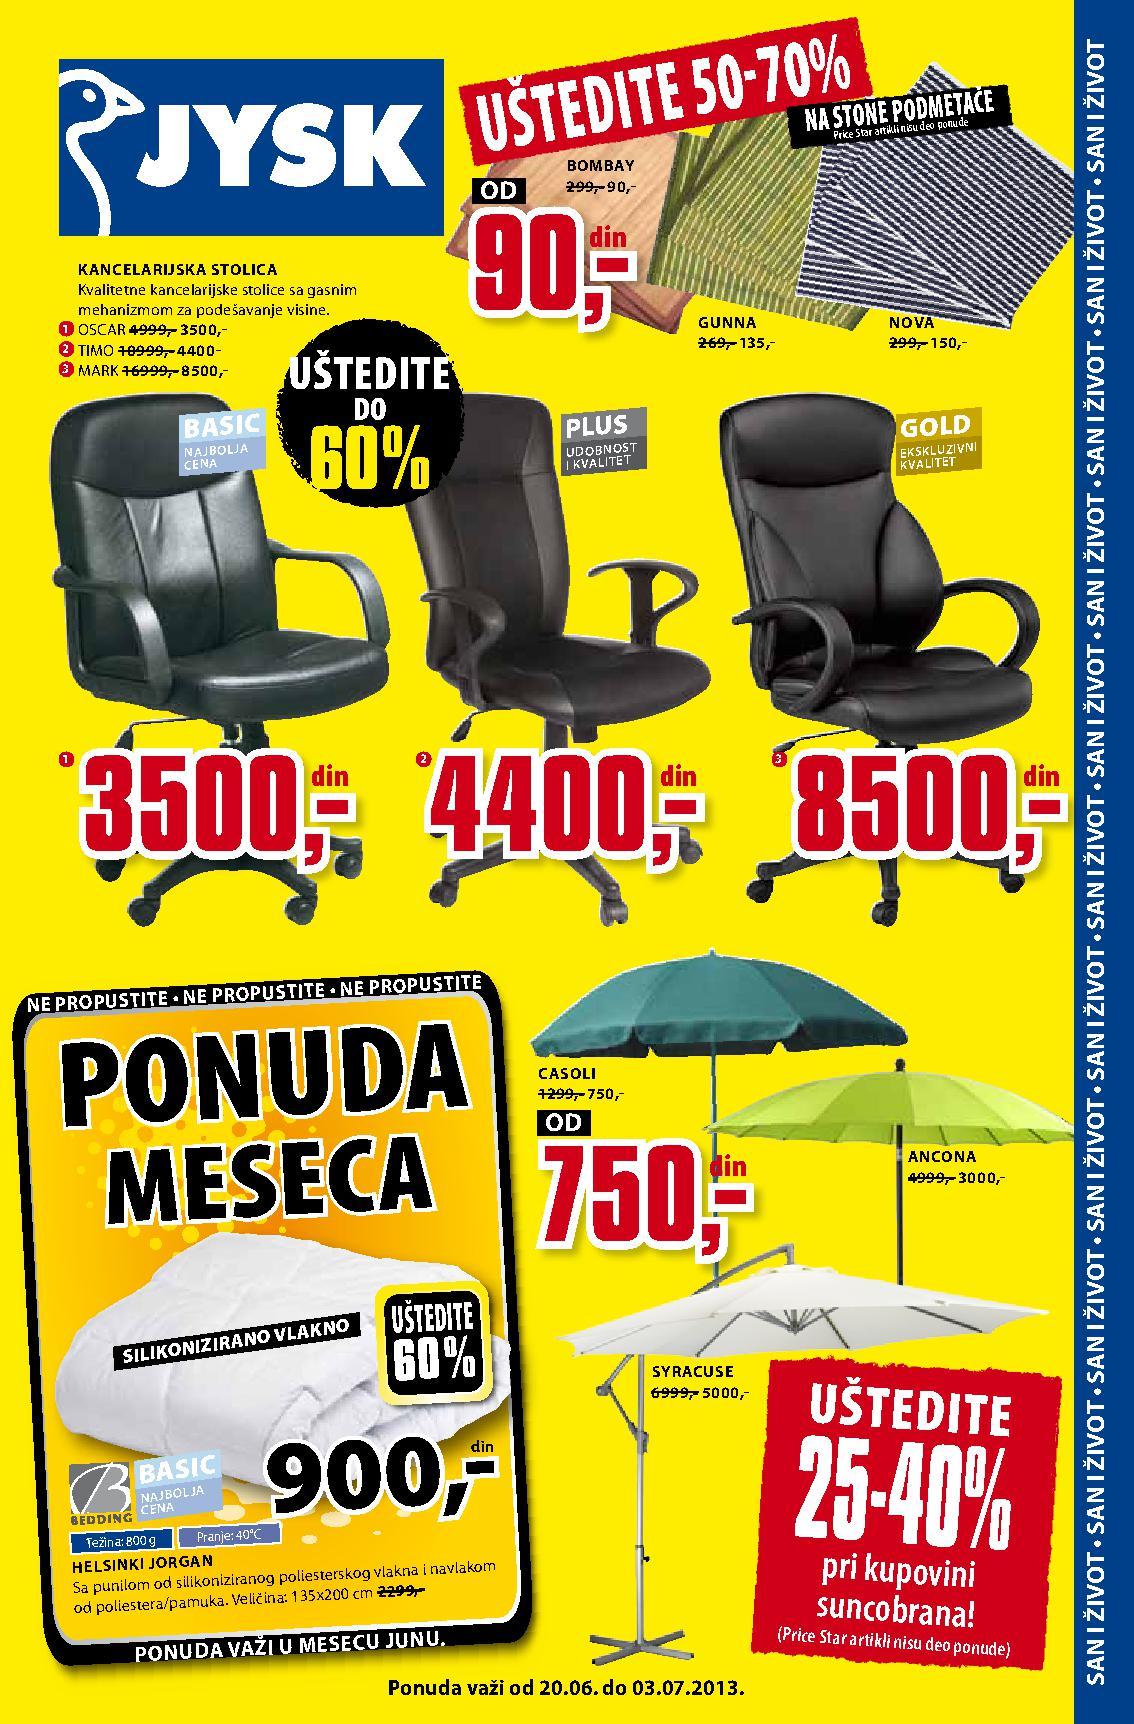 JYSK Katalog nedelja dobre kupovine